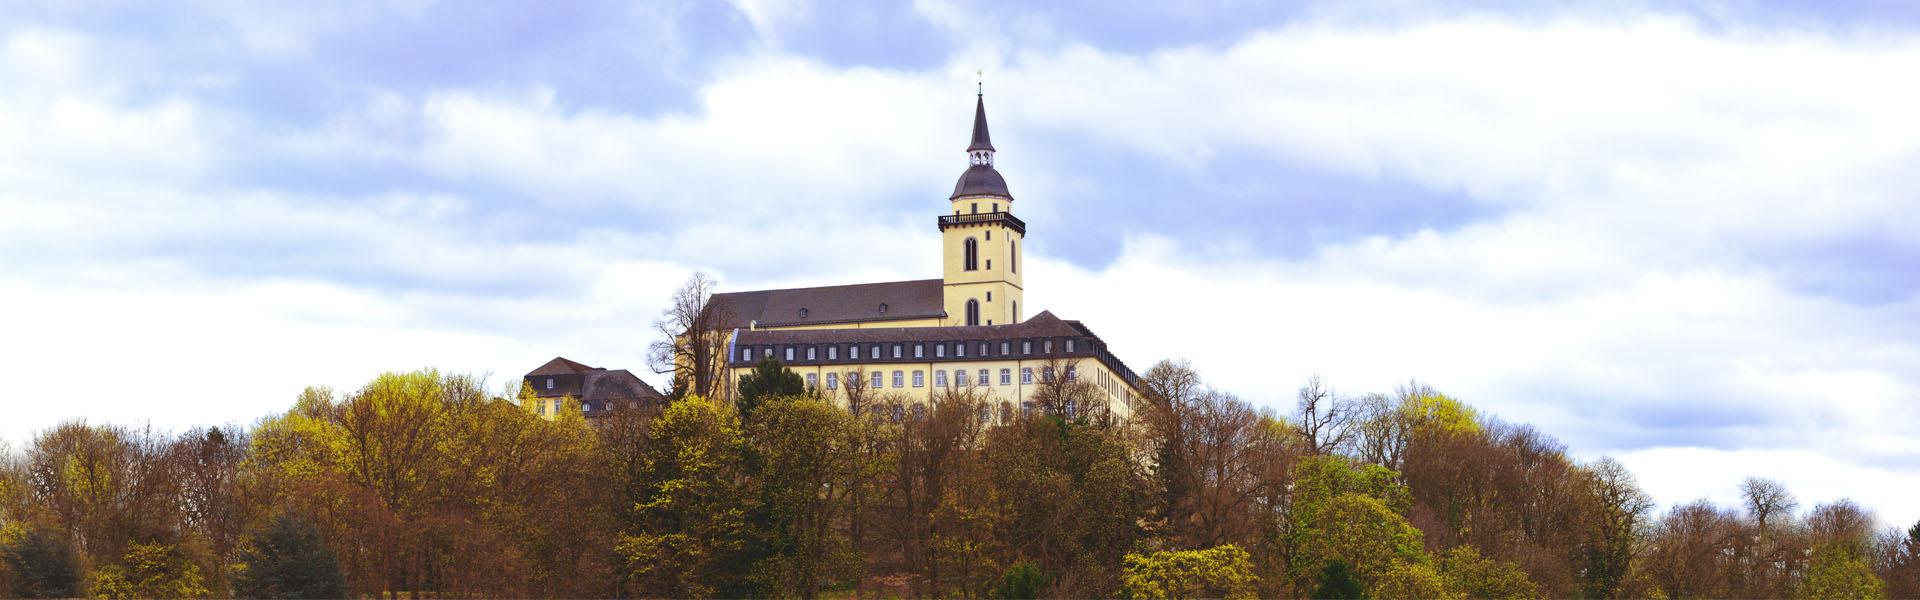 Schloss Siegburg